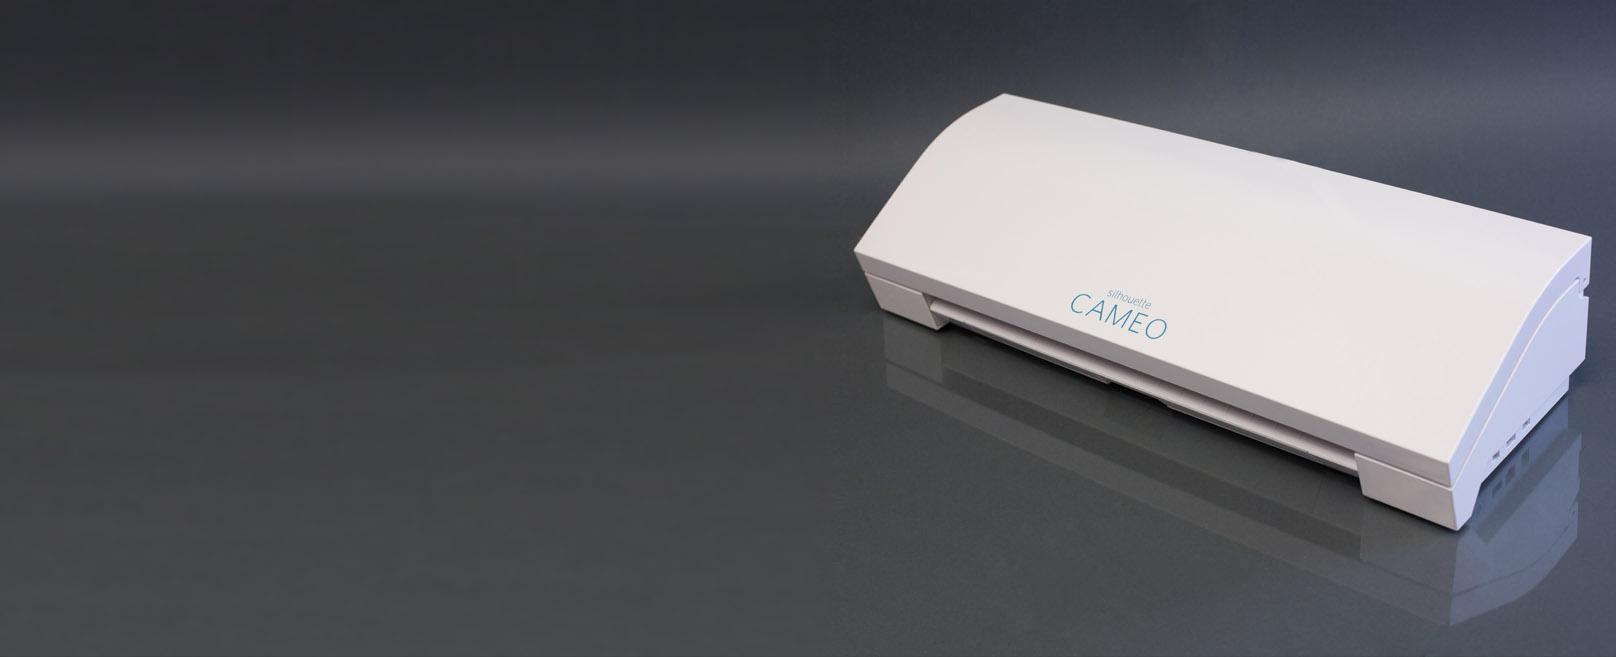 Silhouette Cameo 3 termékkép zárt állapotban